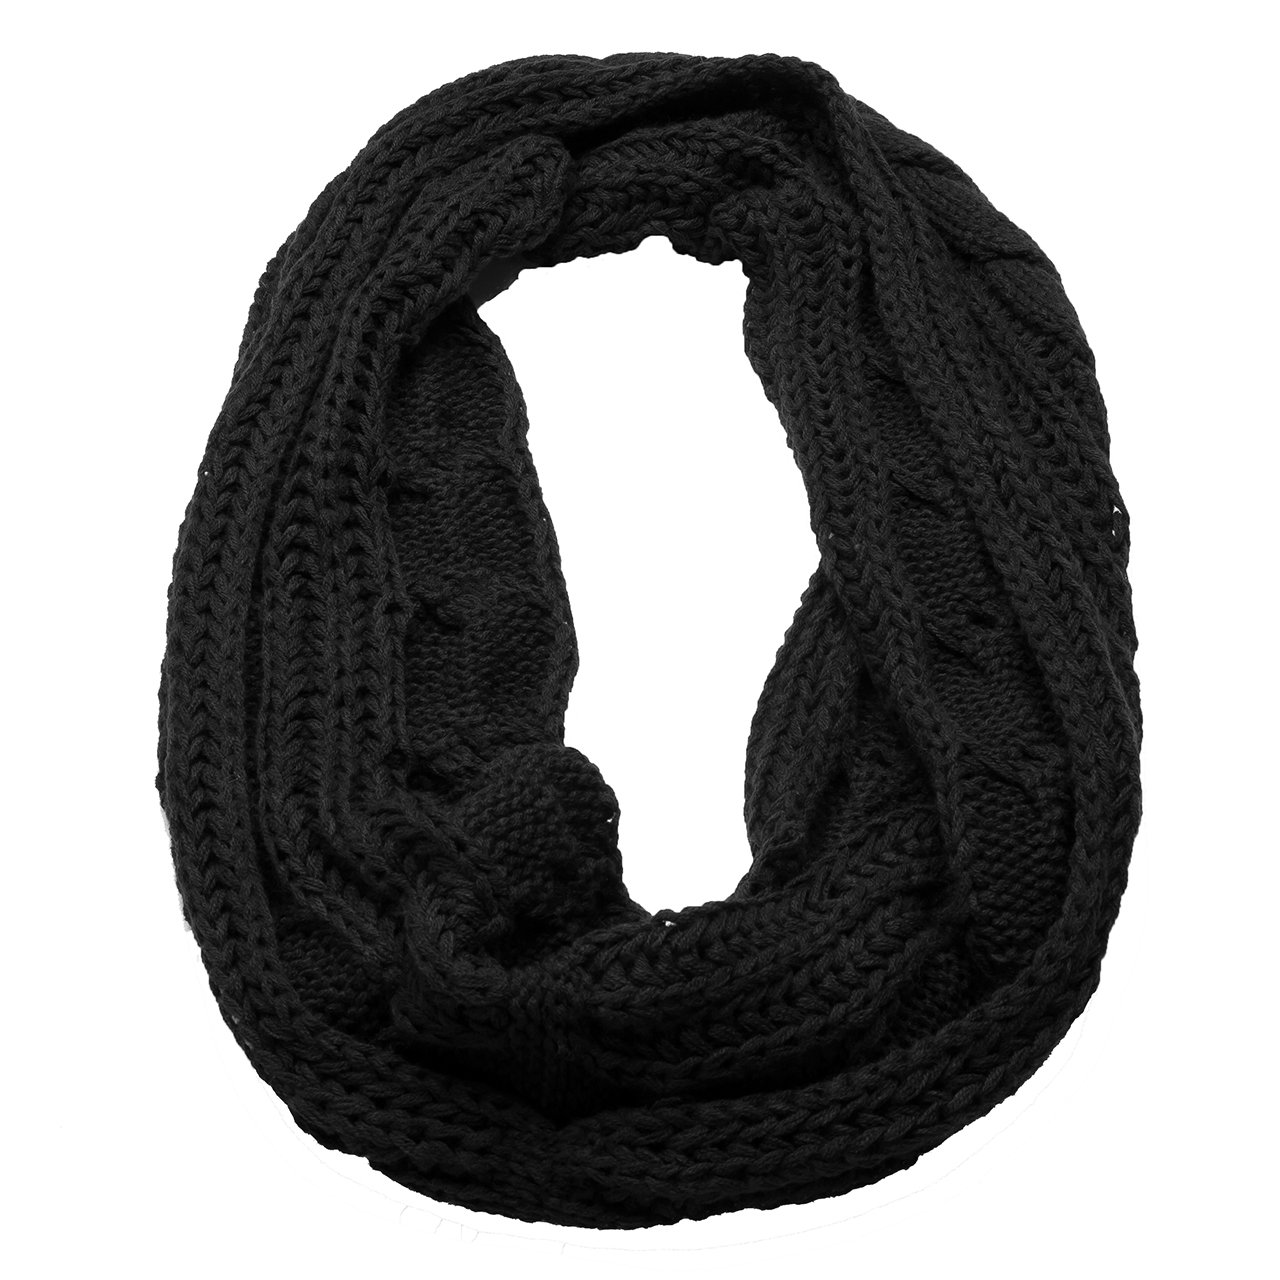 Atmoko Echarpe Cercle en Tricot a Crochet Twist Foulard Tricote Hiver  Automne Printemps a la Mode pour Femme Fille Homme Garçon, Cadeaux Noel  pour ... 096225b3867